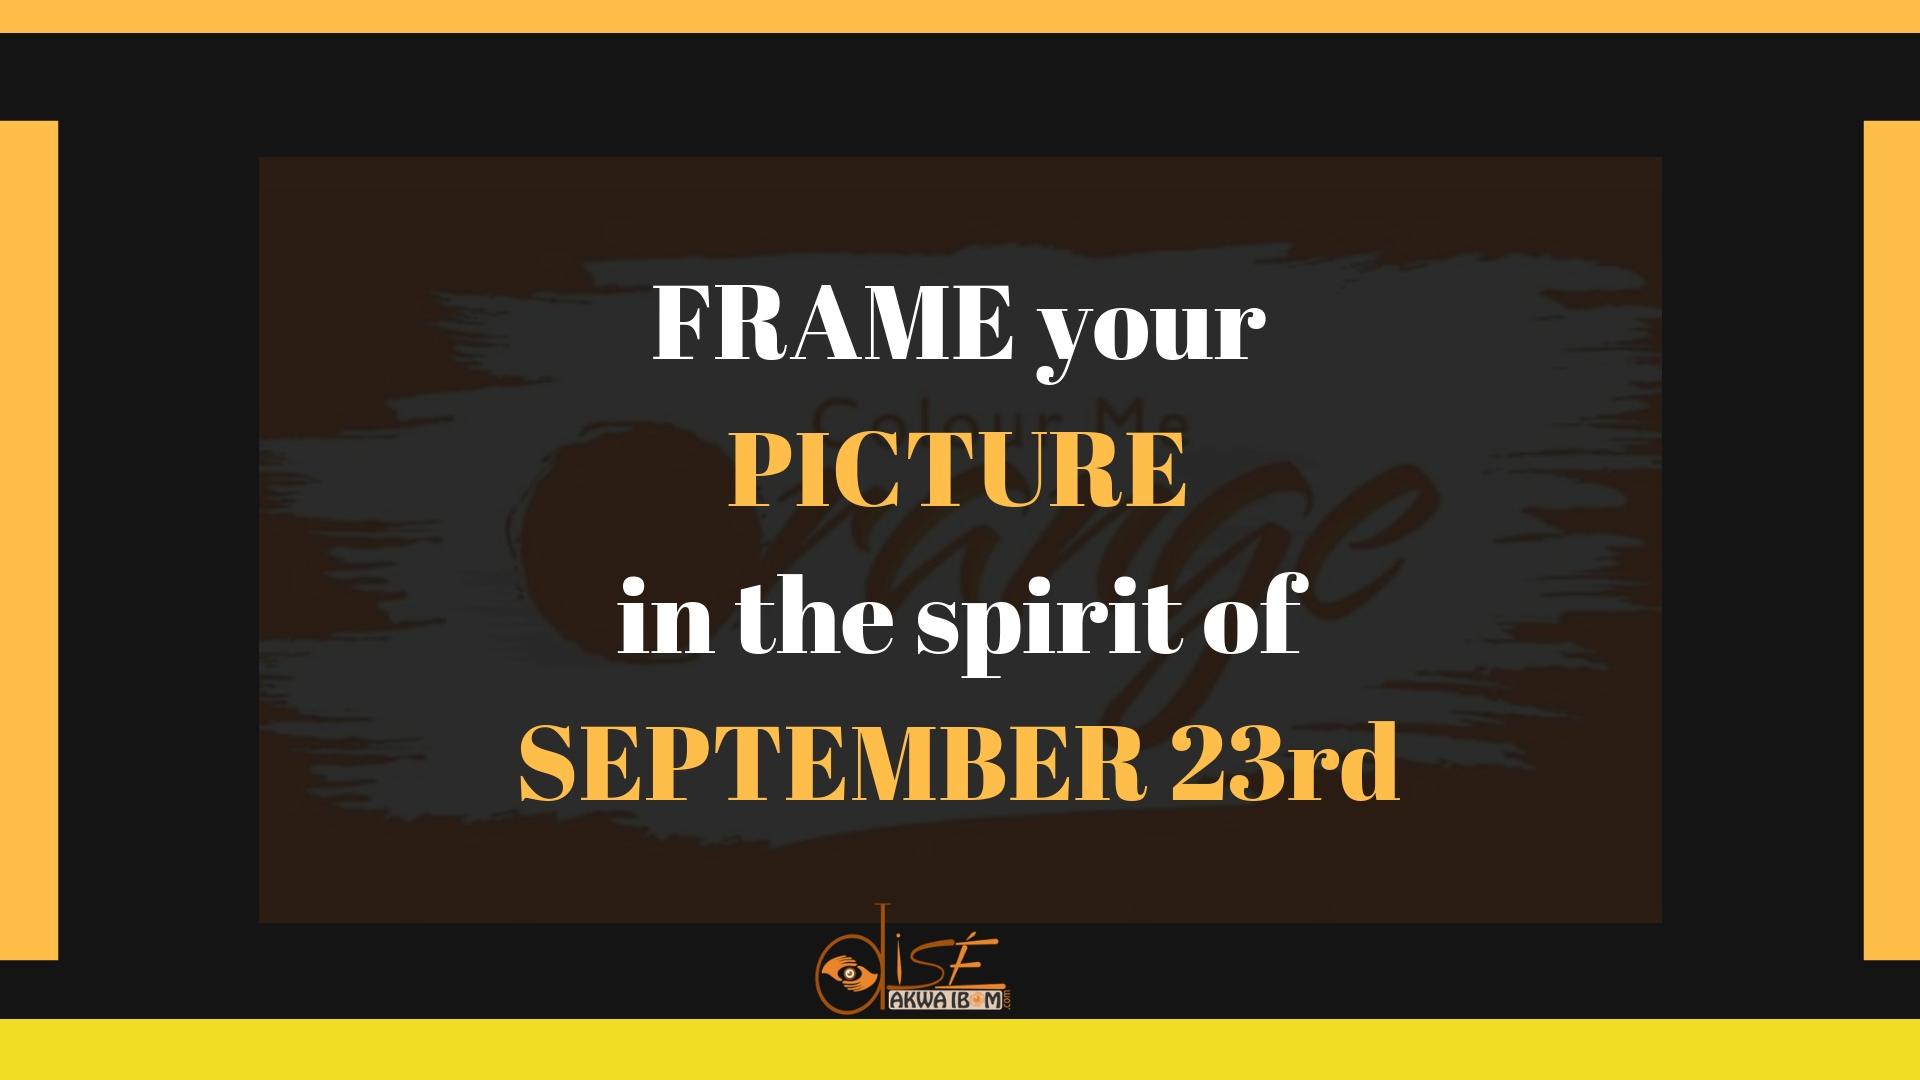 Frame-your-picture-September-23rd-Dakkada-31st-Anniversary-Akwa-Ibom-DiseAkwaIbom